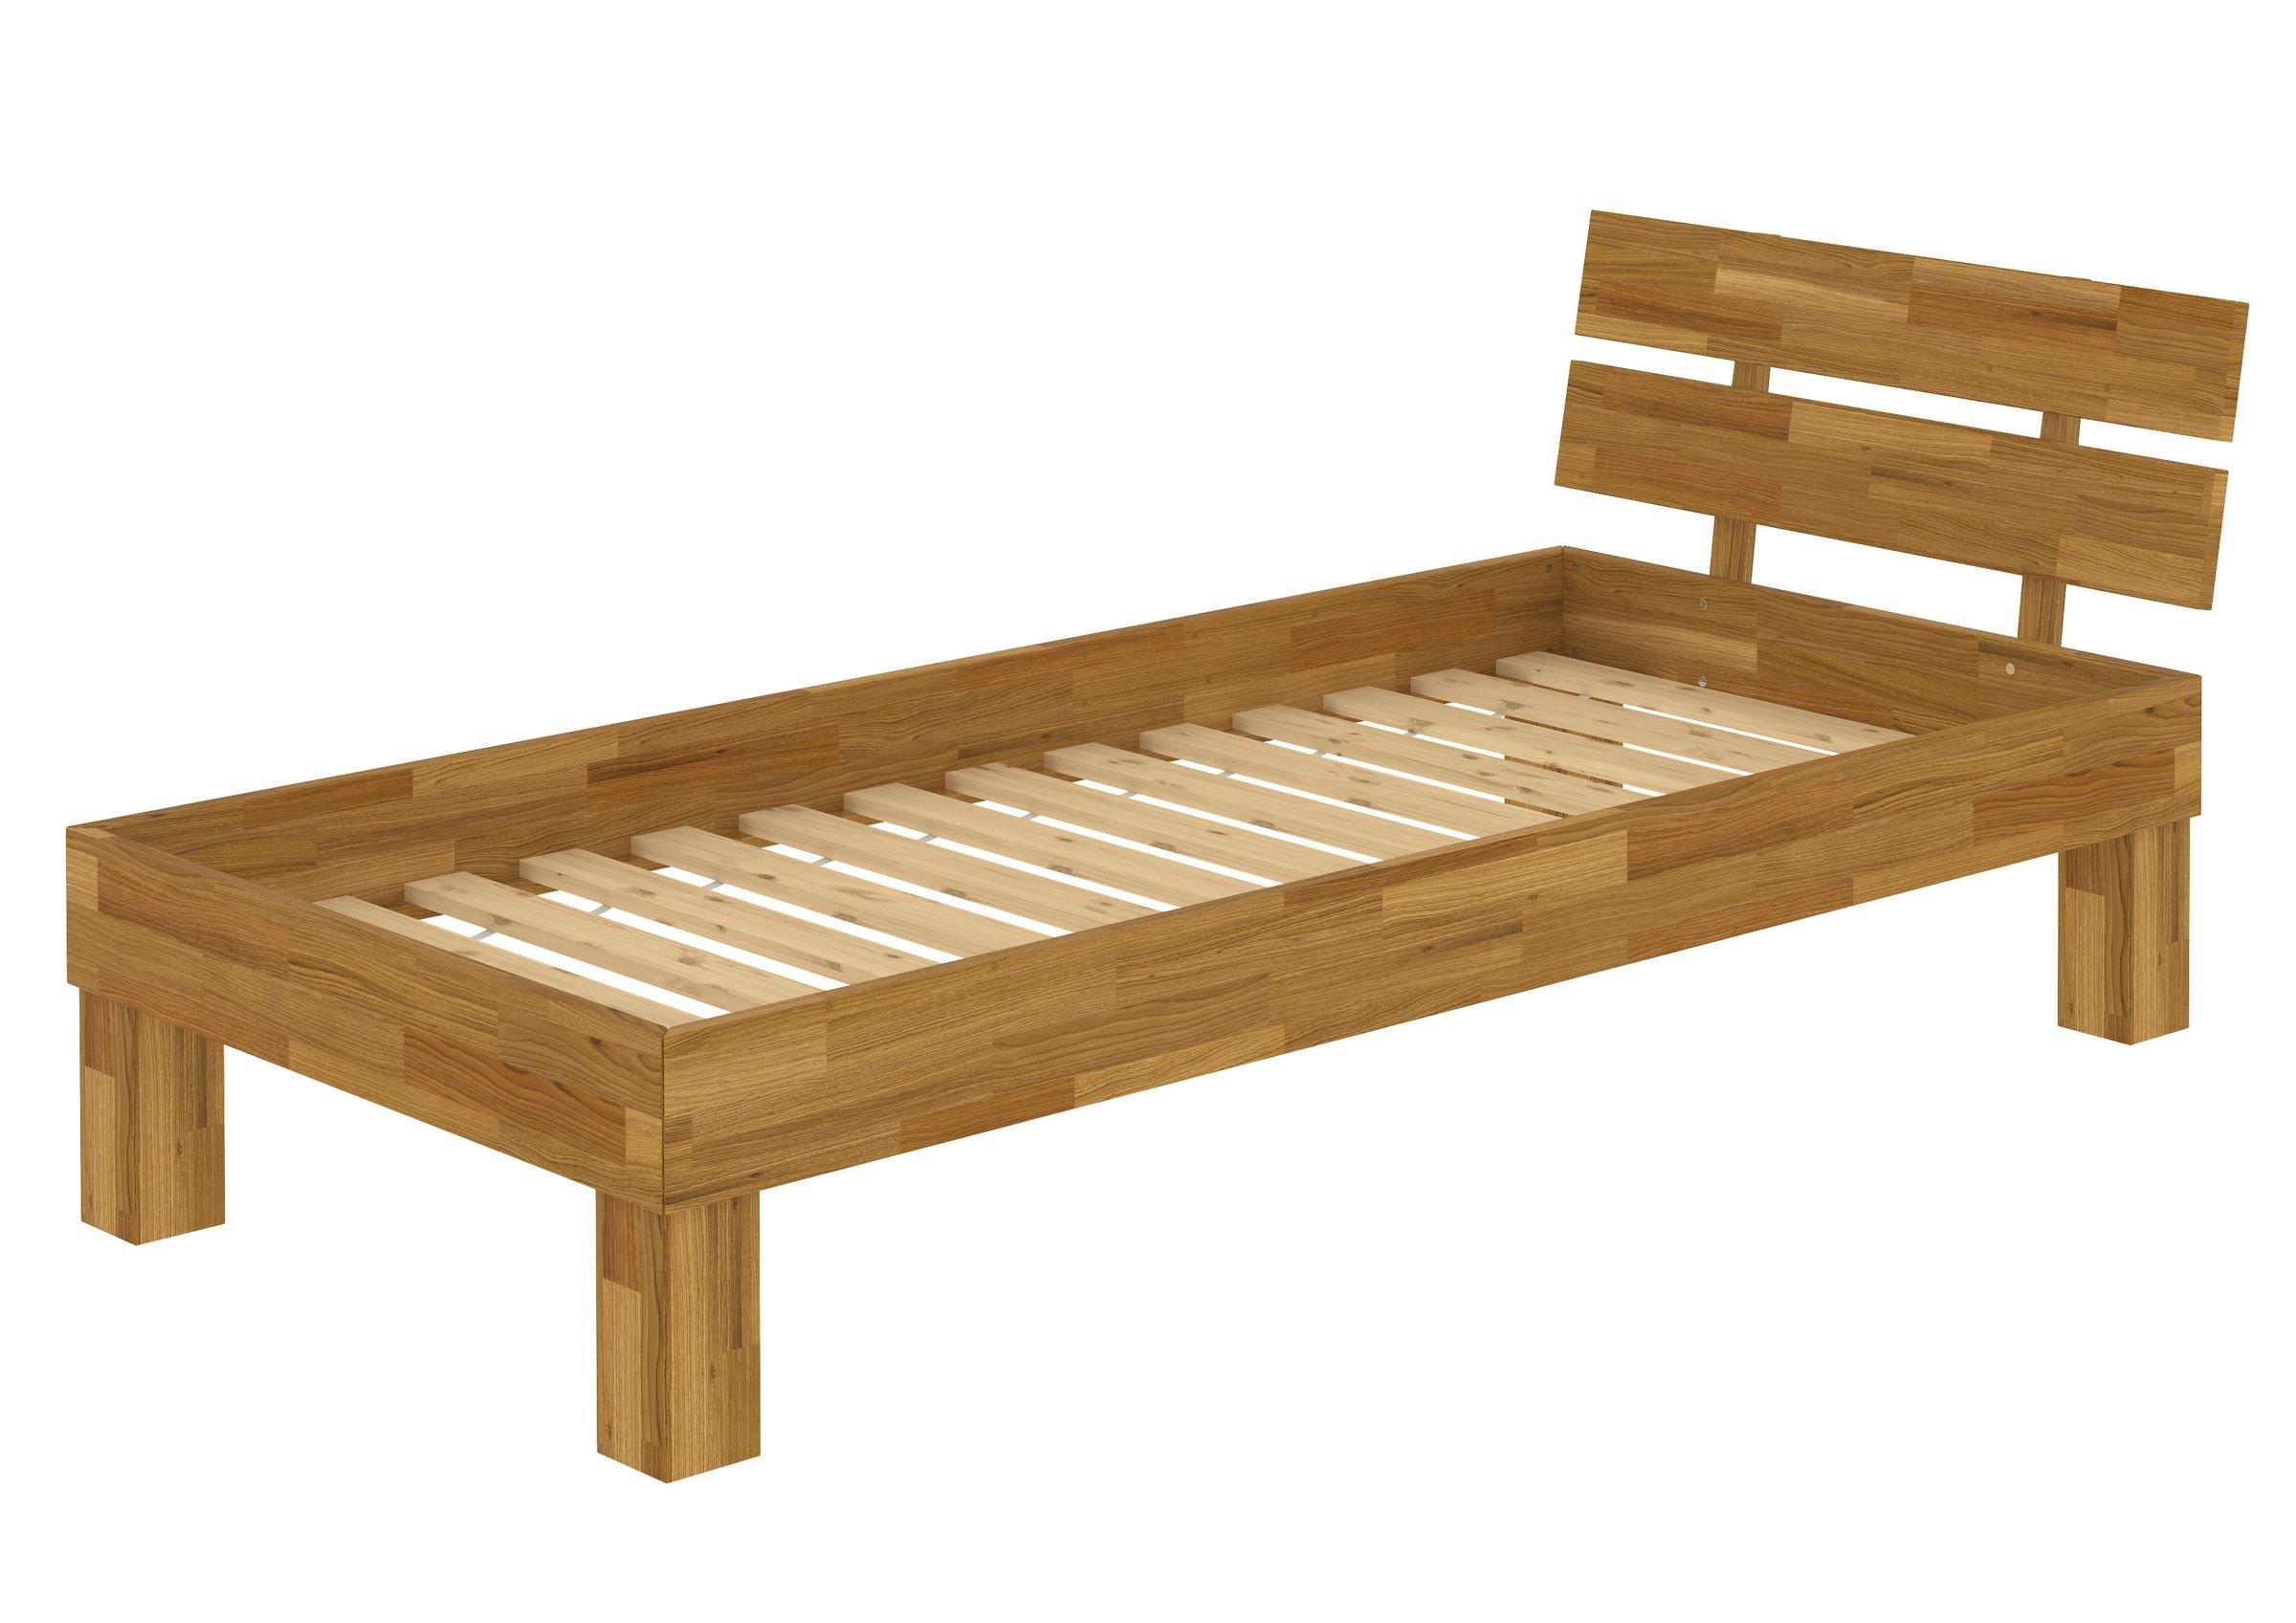 Letto Futon Bimbi : Erst holz solido letto futon in rovere eco laccato con assi